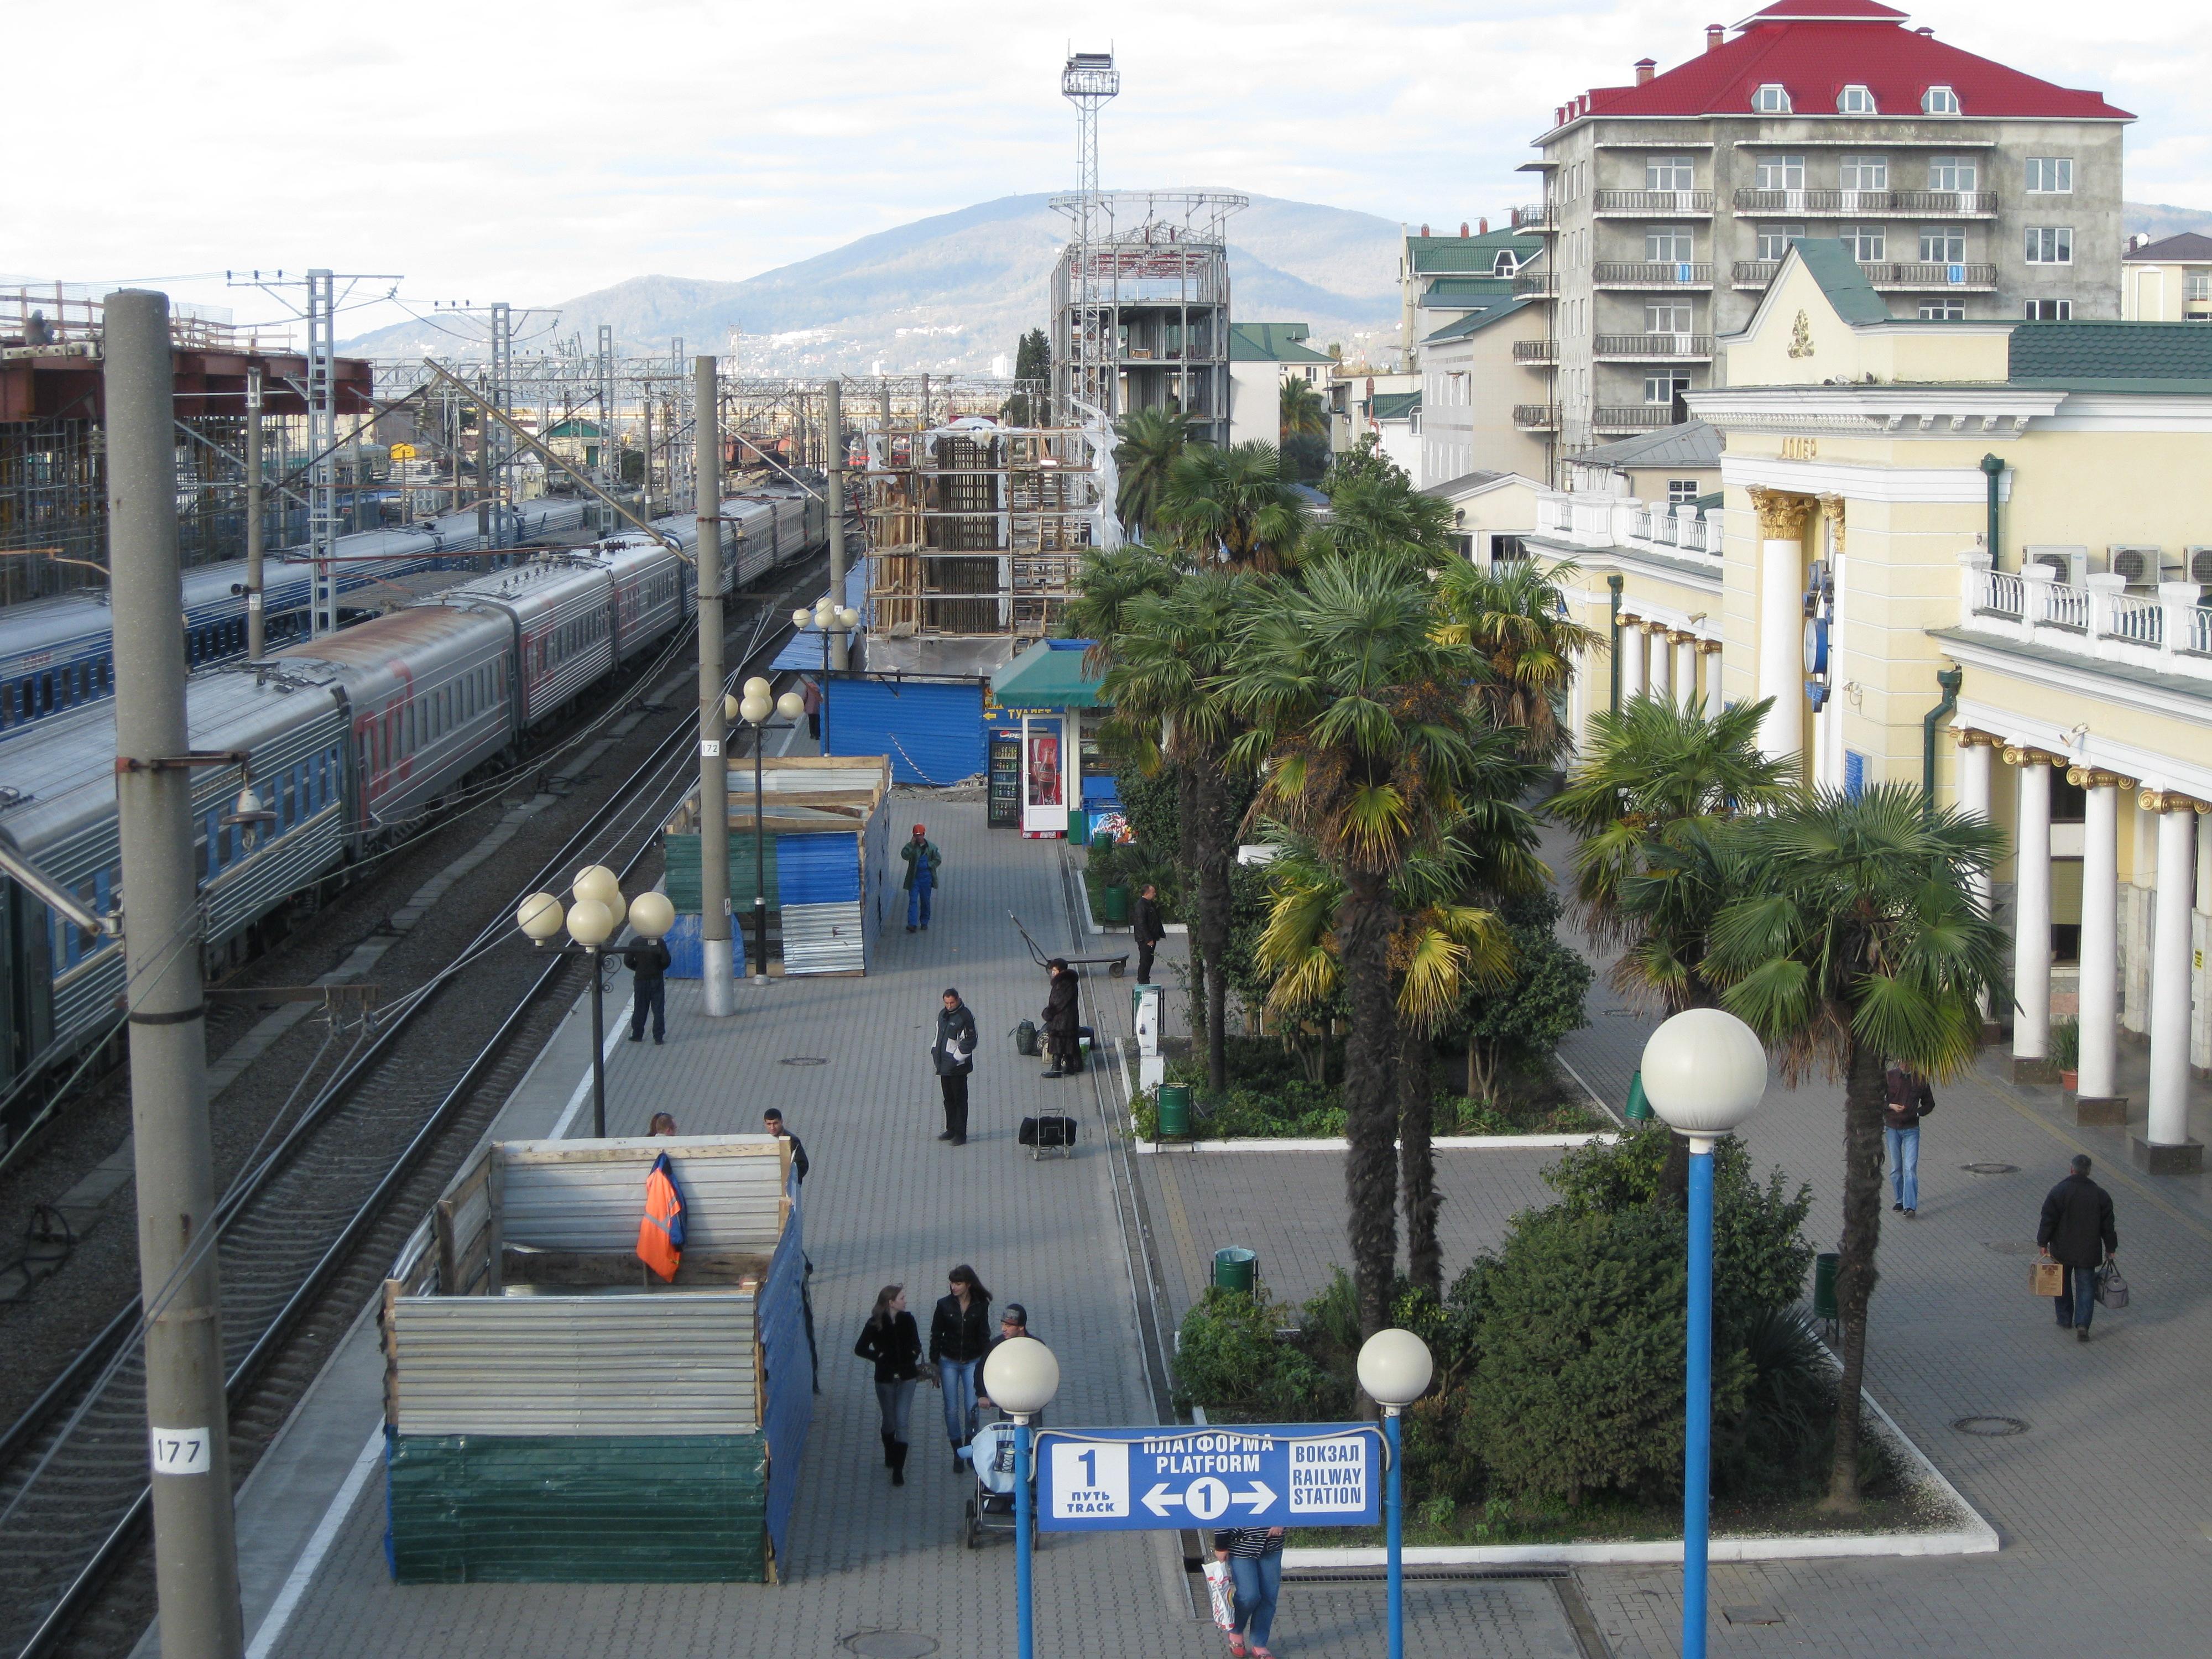 адлер фото жд вокзал